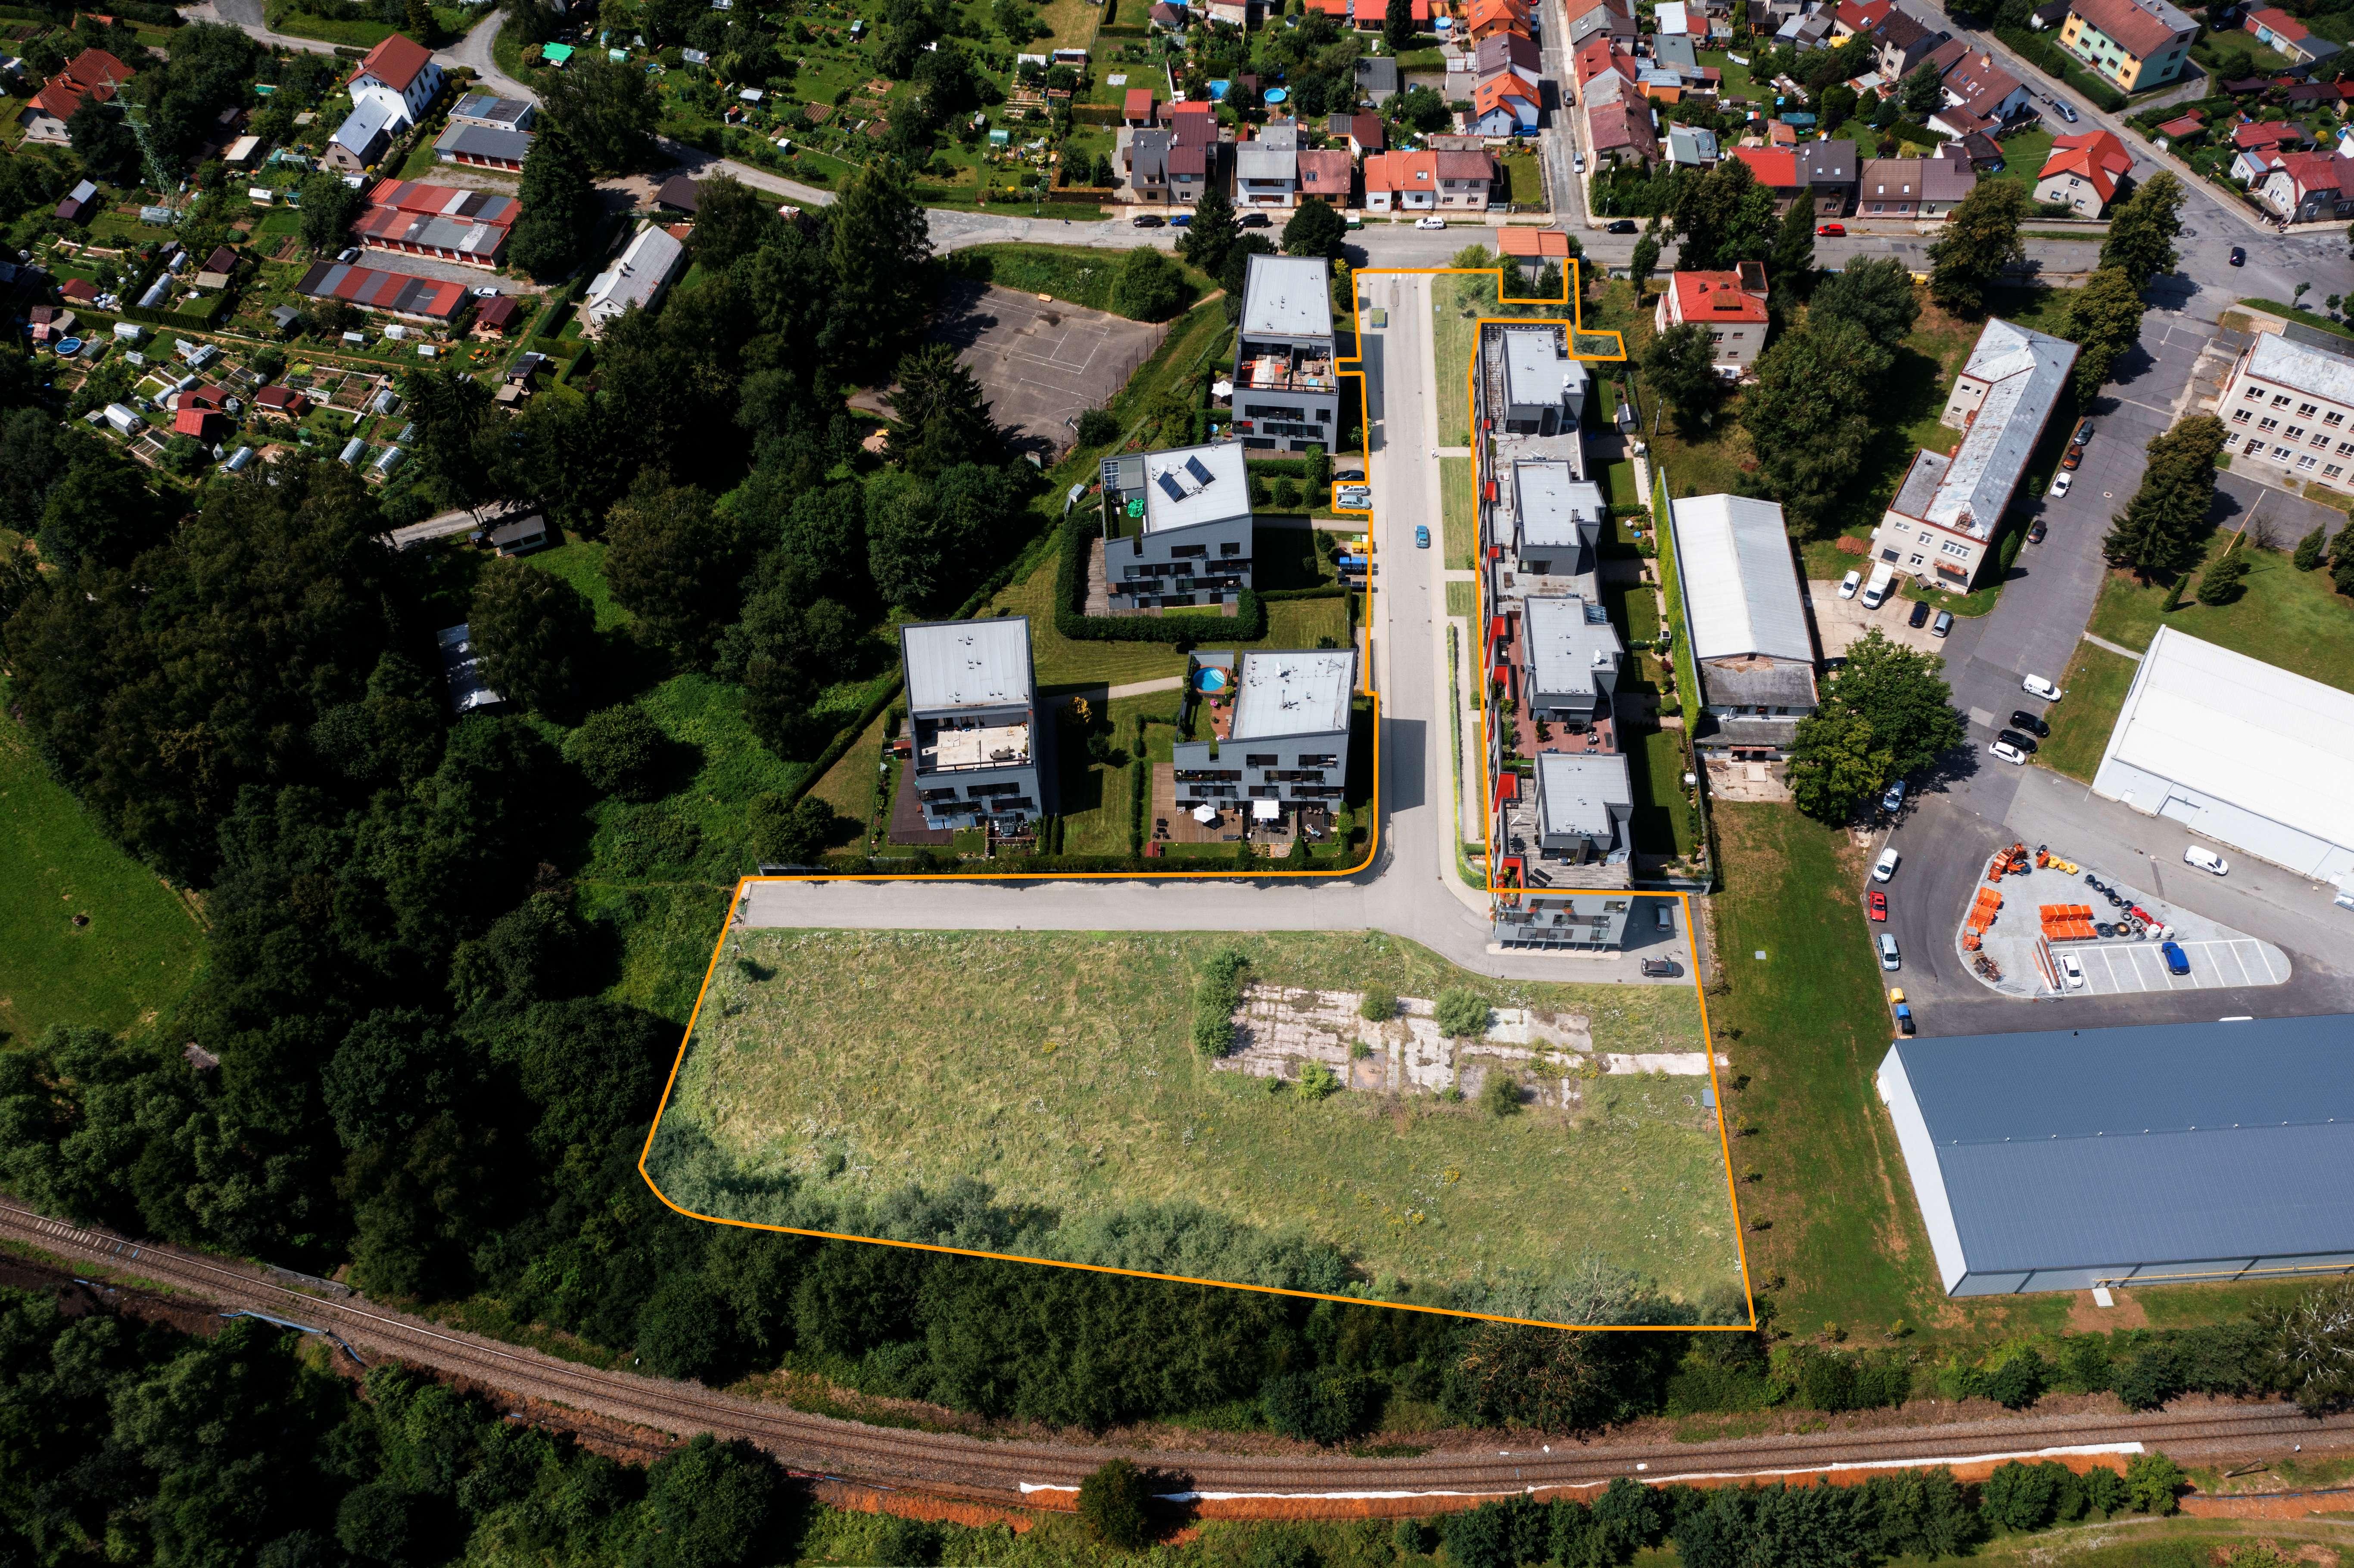 Pozemky určené k výstavbě bytových domů